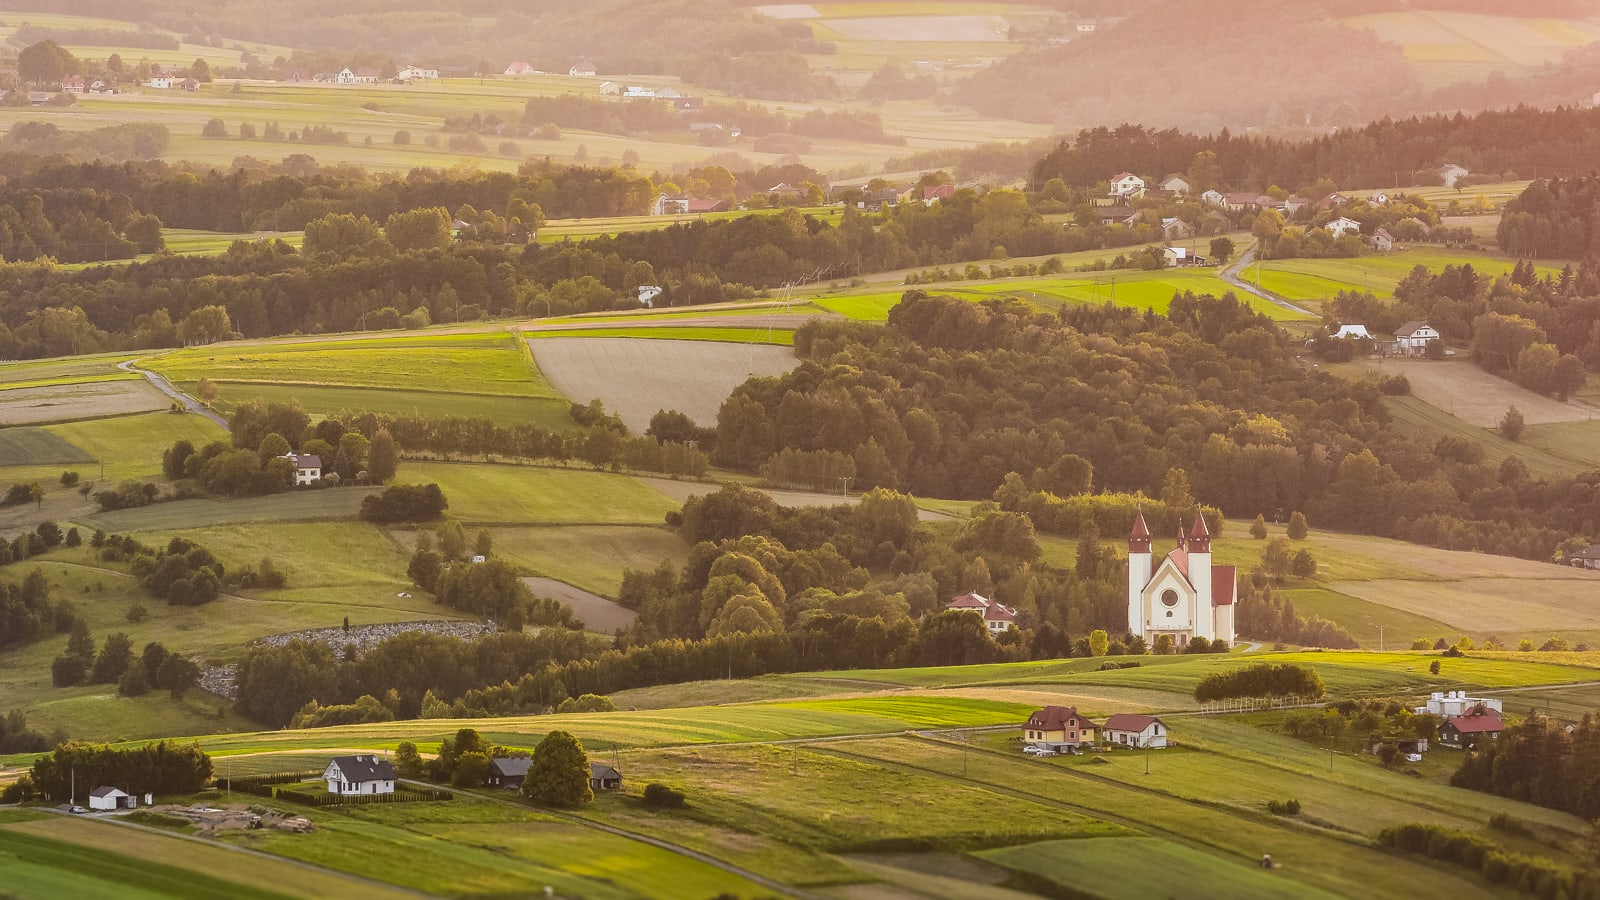 Czermna, widok z wieży widokowej na Górze Liwocz